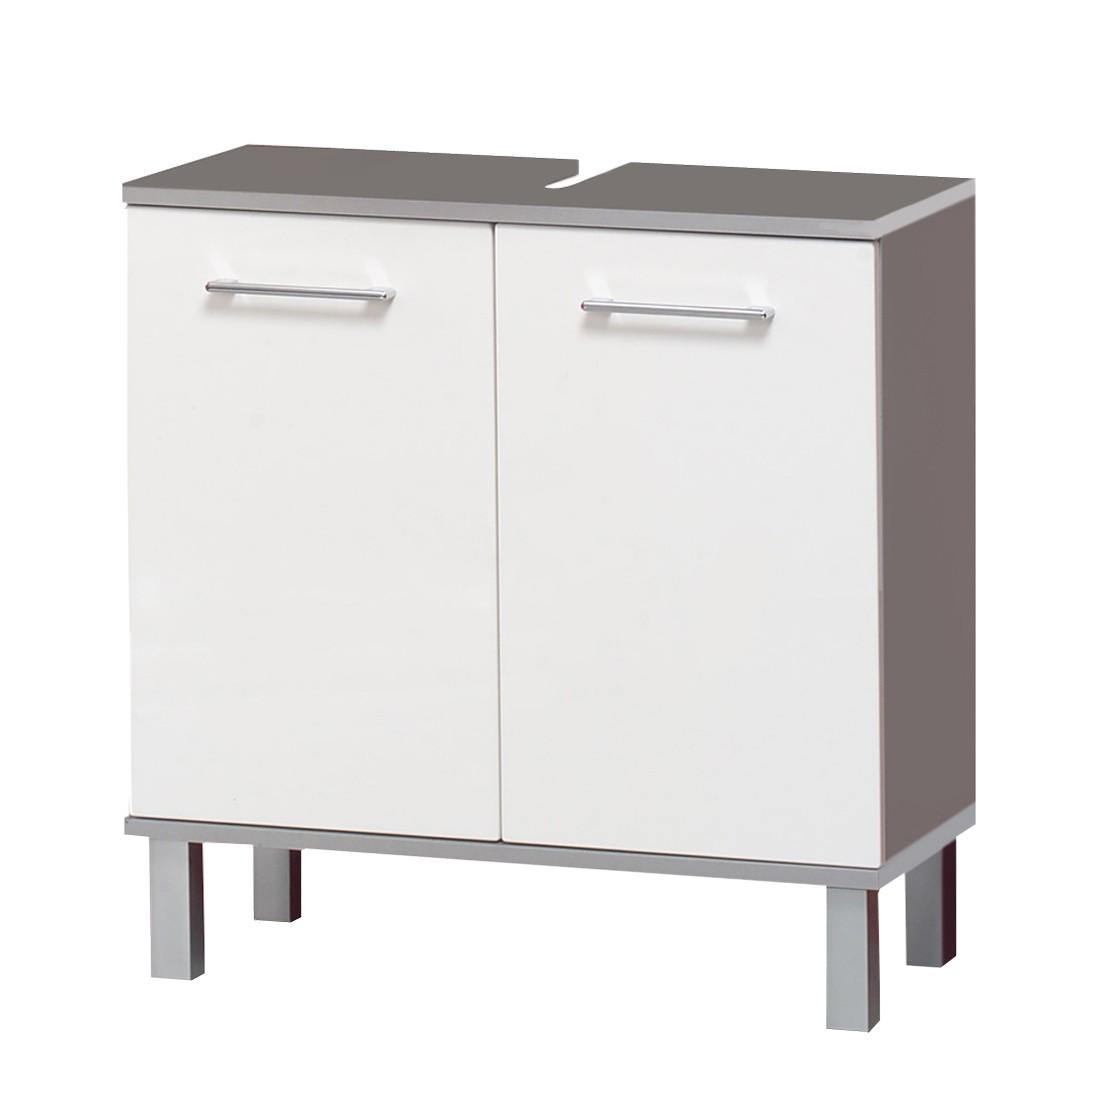 Waschbeckenunterschrank Avellino – Weiß Hochglanz/Alu, Giessbach kaufen